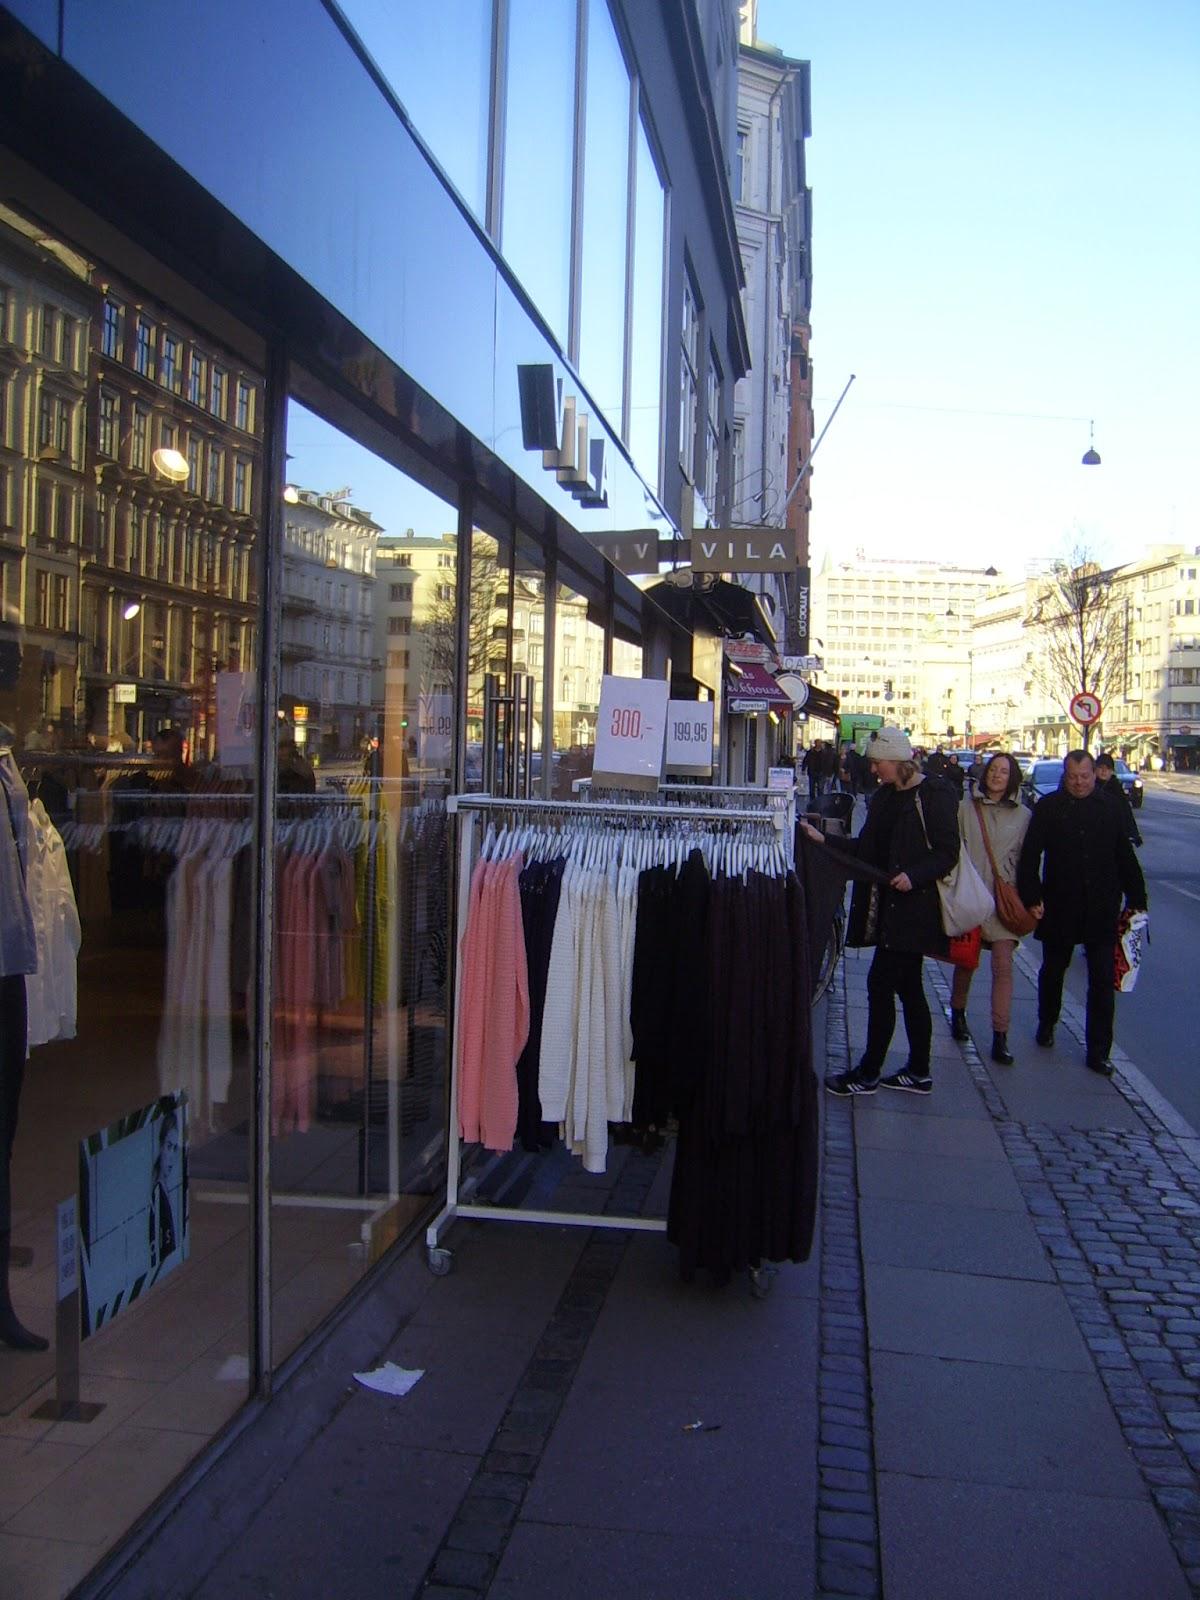 Na duńskiej ulicy